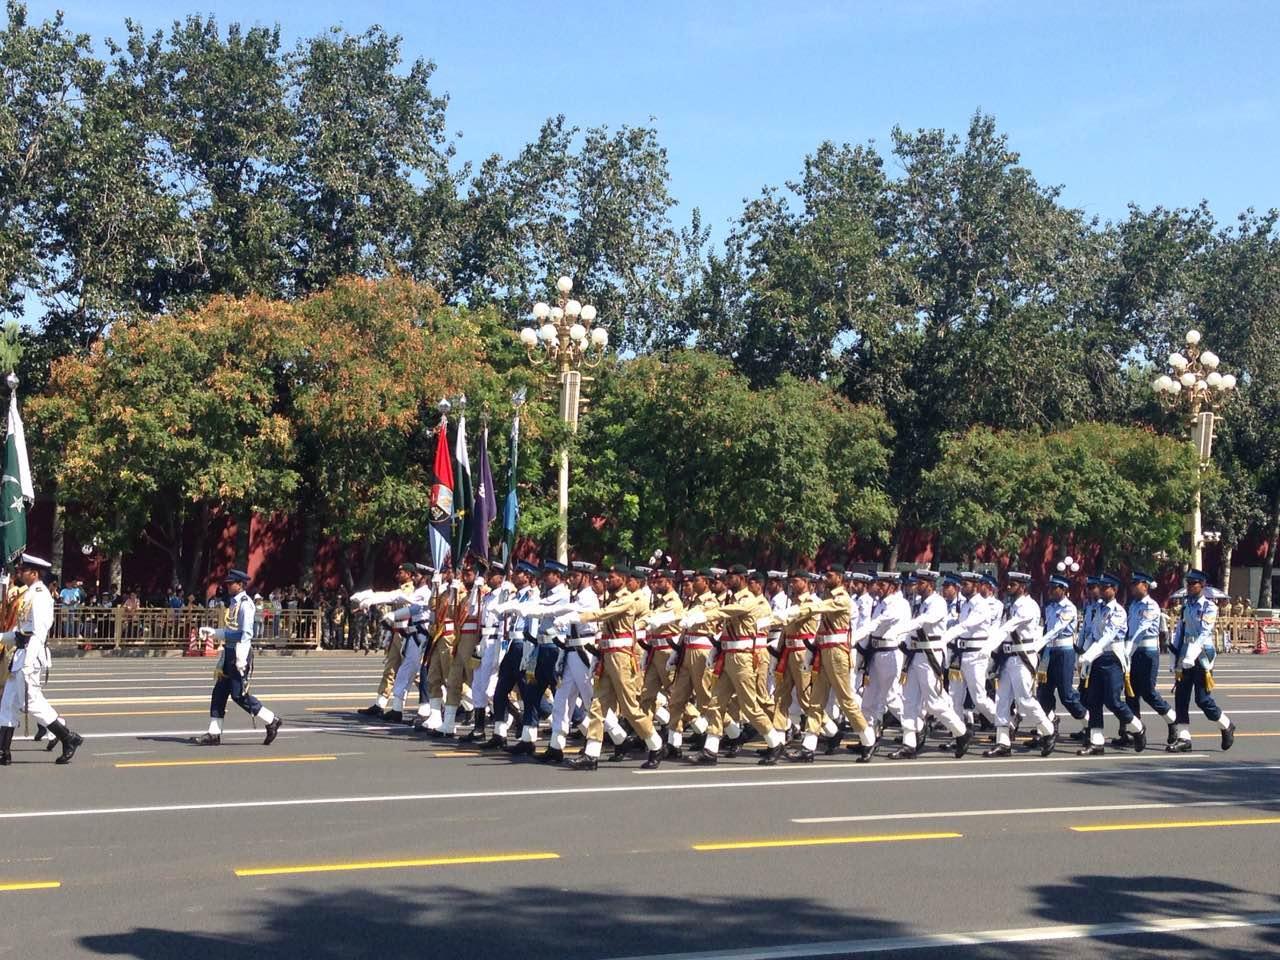 来自五大洲的17个国家军队方队或代表队,参加胜利日阅兵分列式。这是我国首次邀请外军参加阅兵。